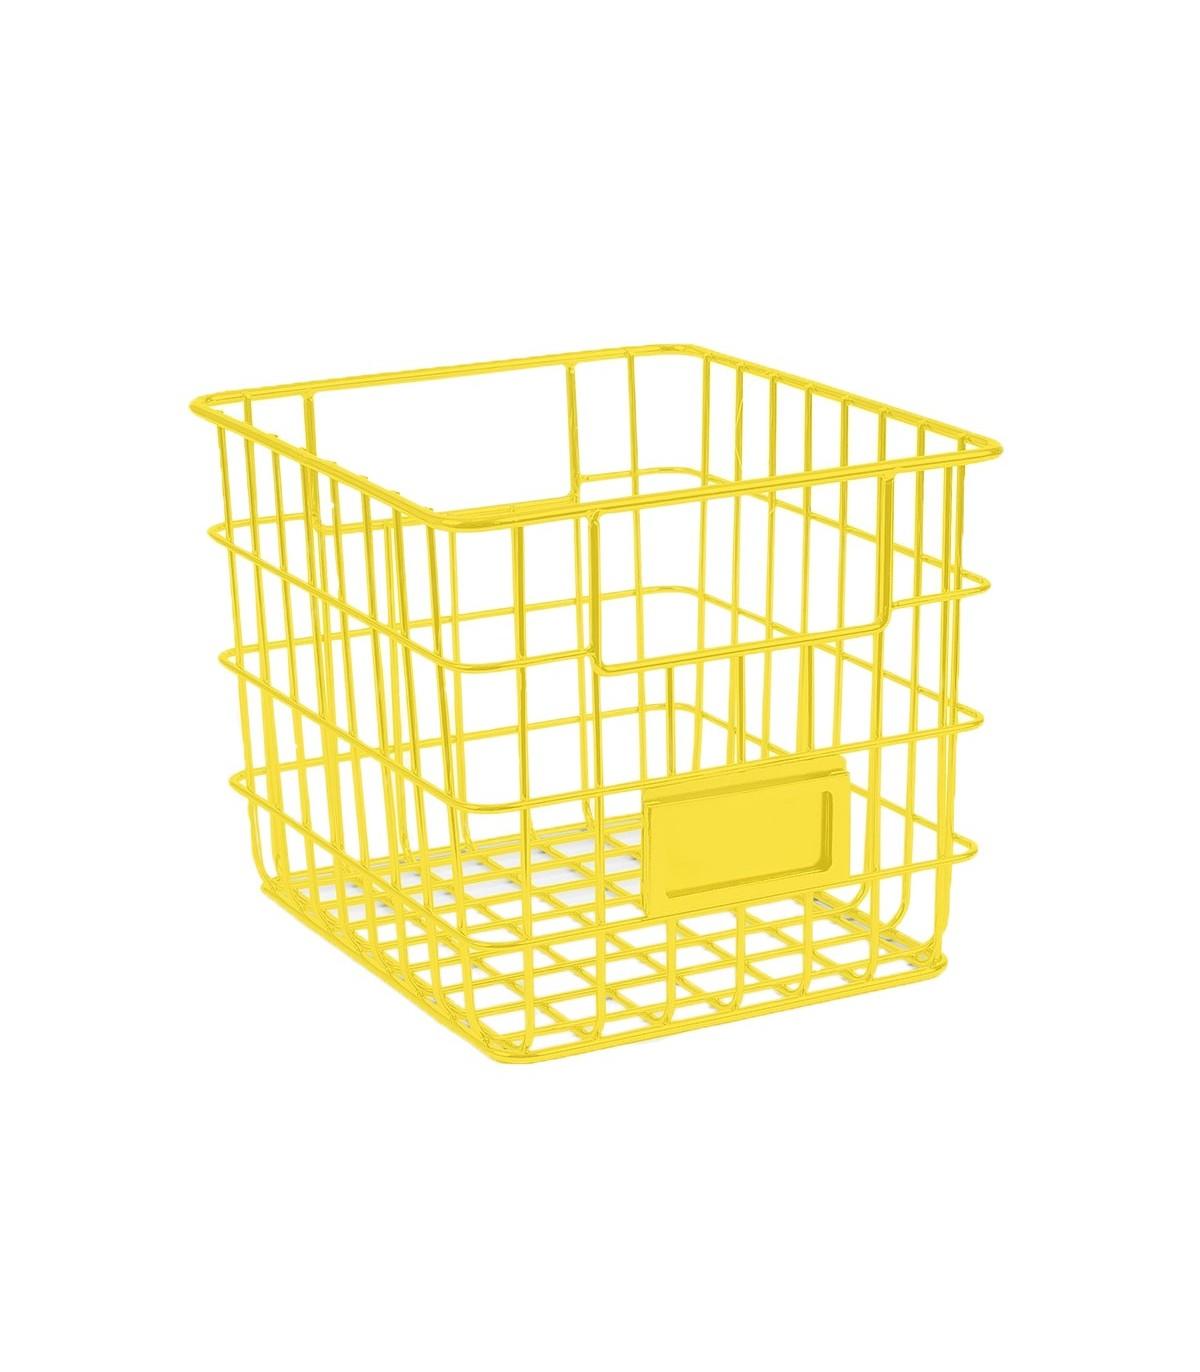 panier de rangement carre en metal filaire jaune